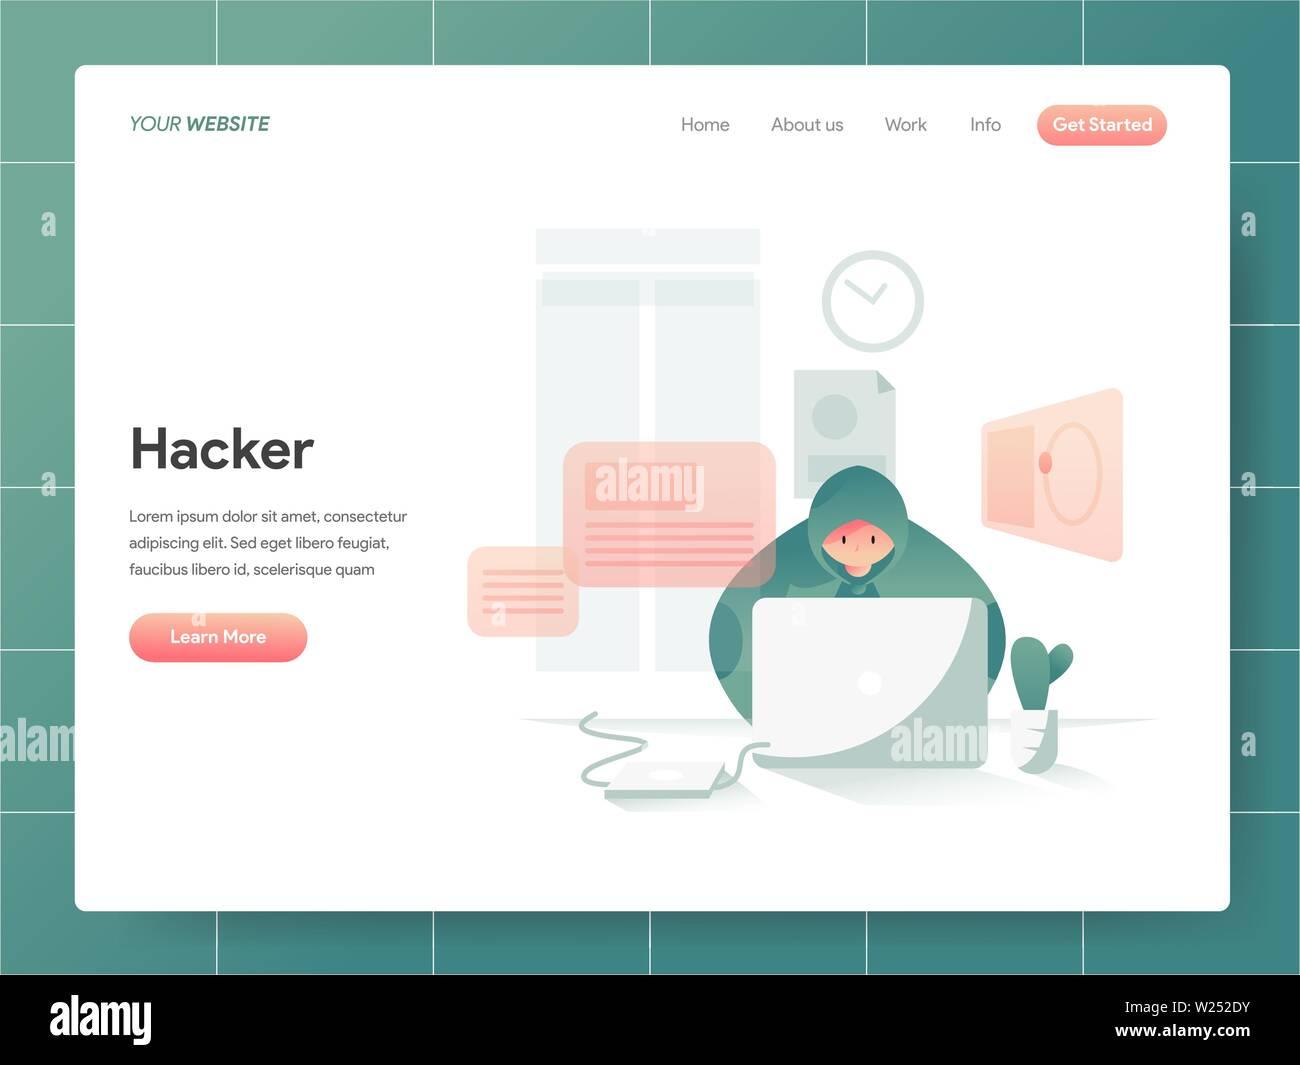 Hacker Illustration Concept. Modern design concept of web page design for website and mobile website.Vector illustration EPS 10 - Stock Image